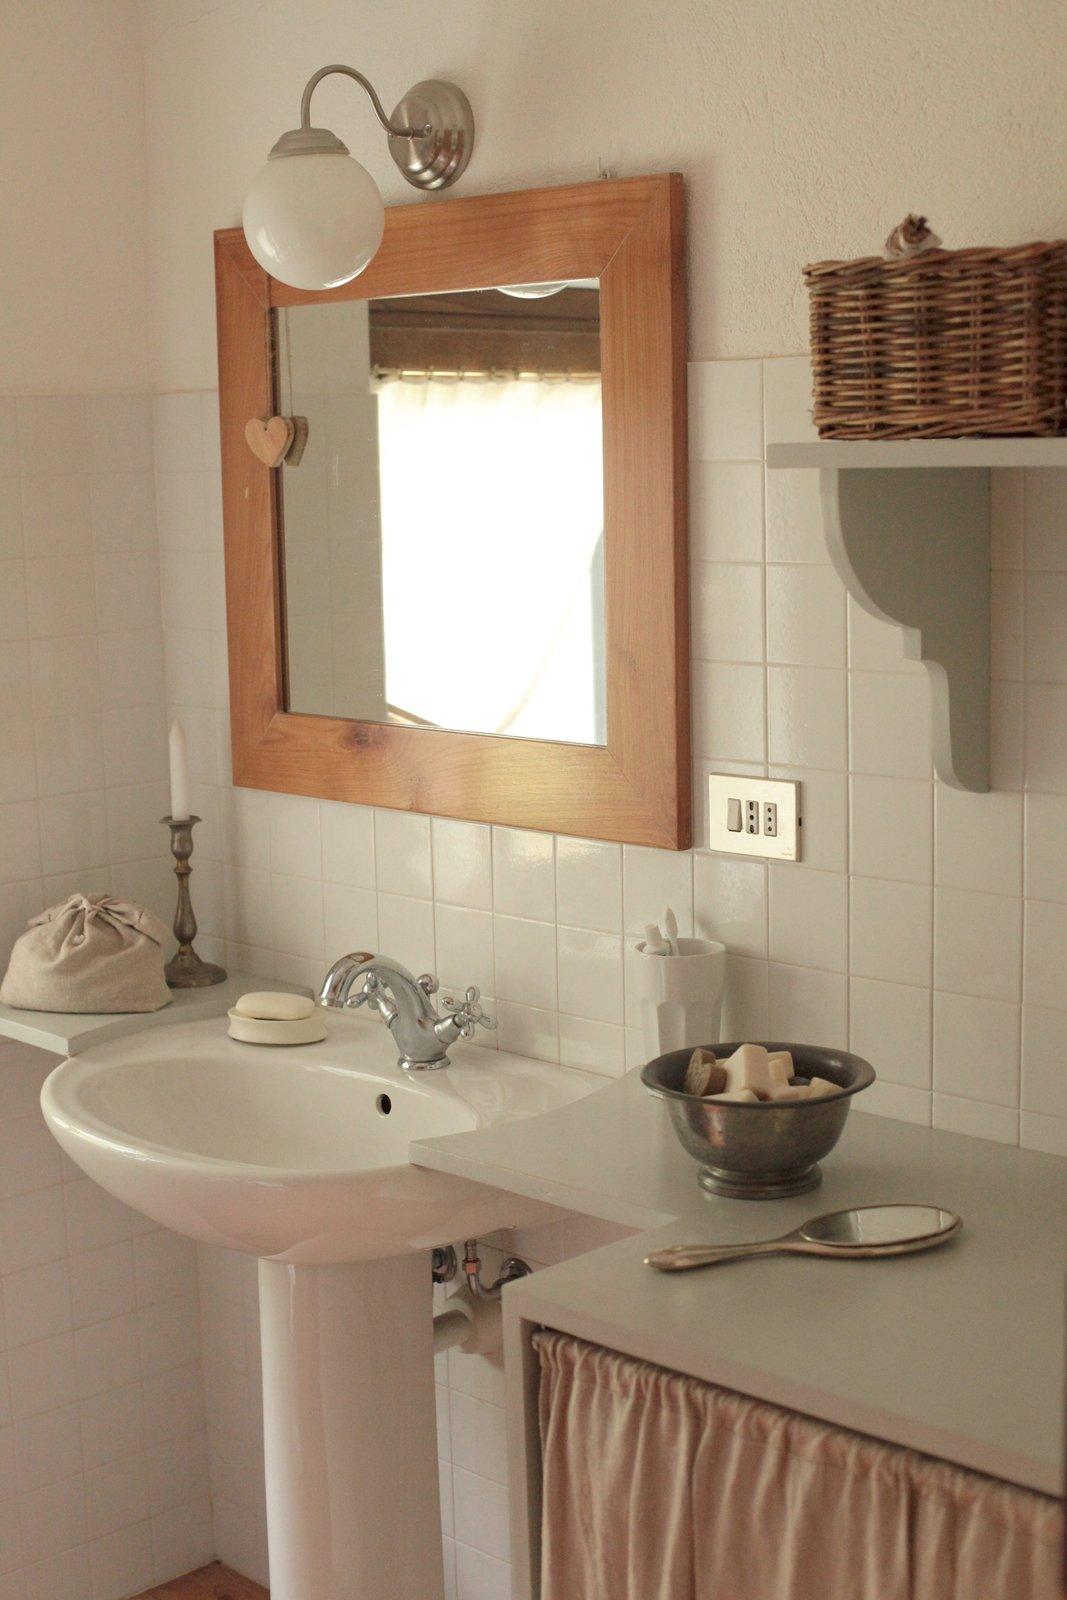 Nascondere la lavatrice e trasformare il bagno cose di casa - Creare un bagno con sanitrit ...